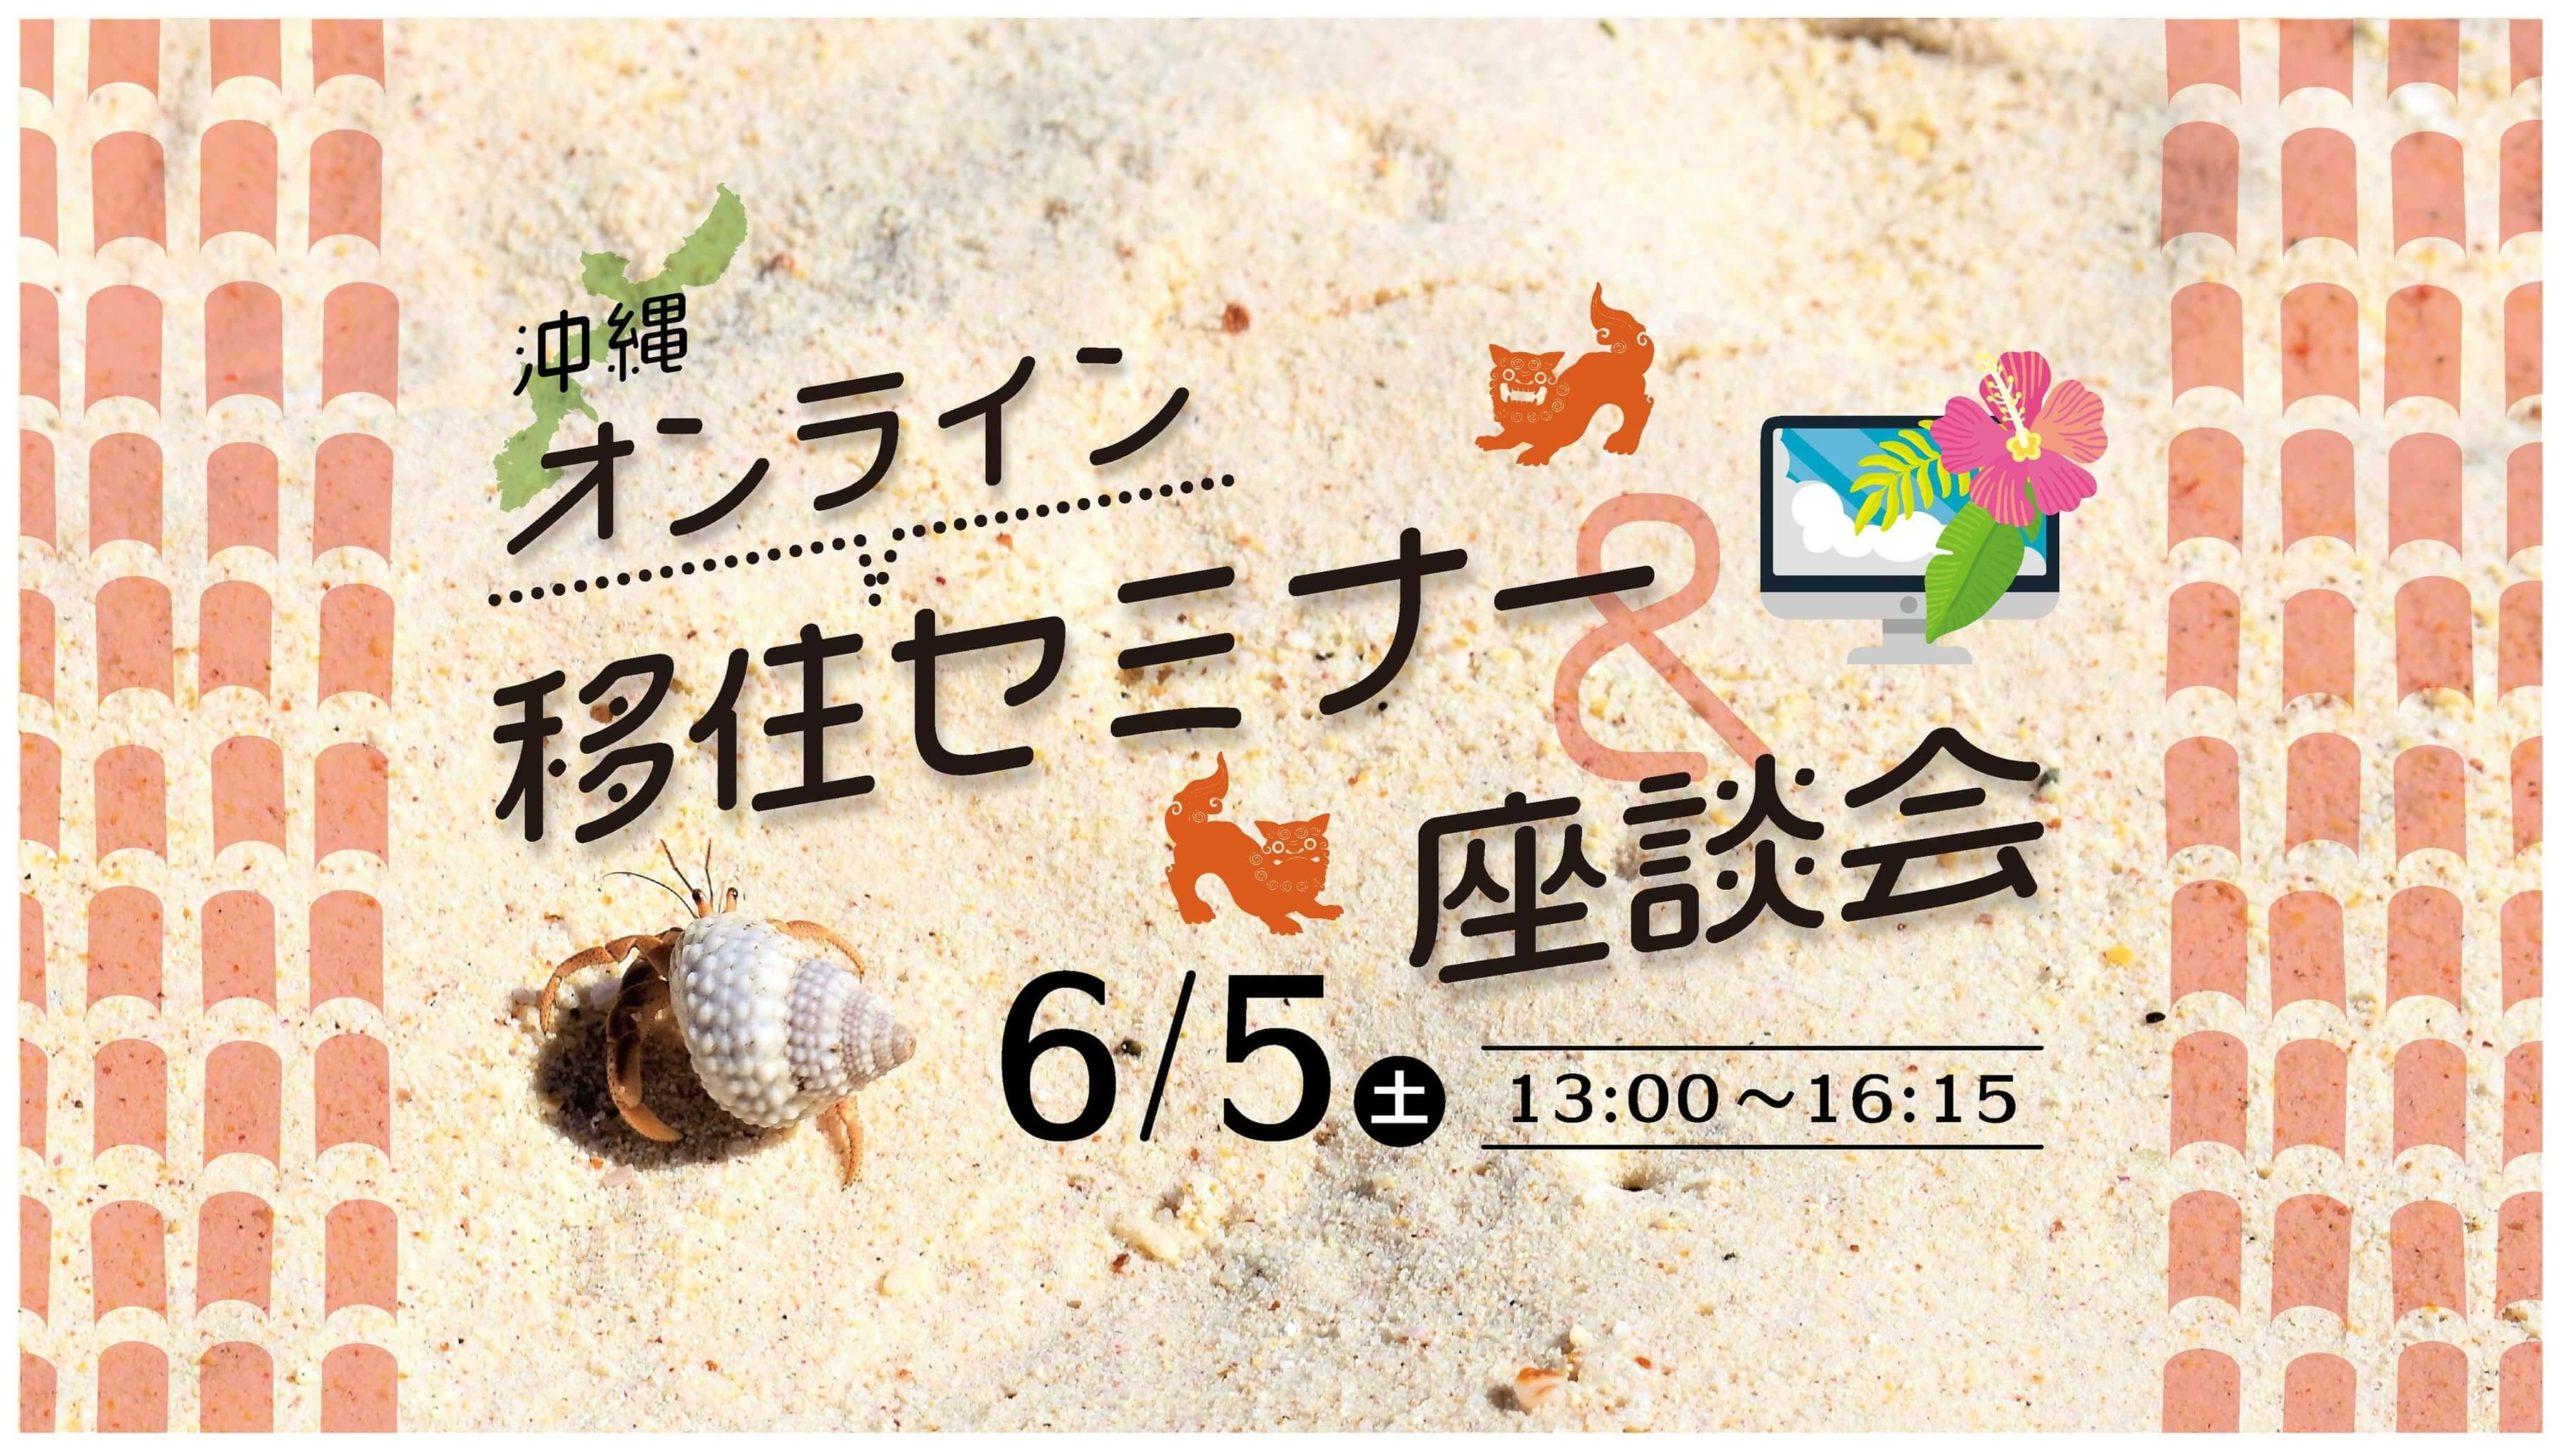 [※受付終了※] 6月5日(土)実施!沖縄オンライン移住セミナー&座談会